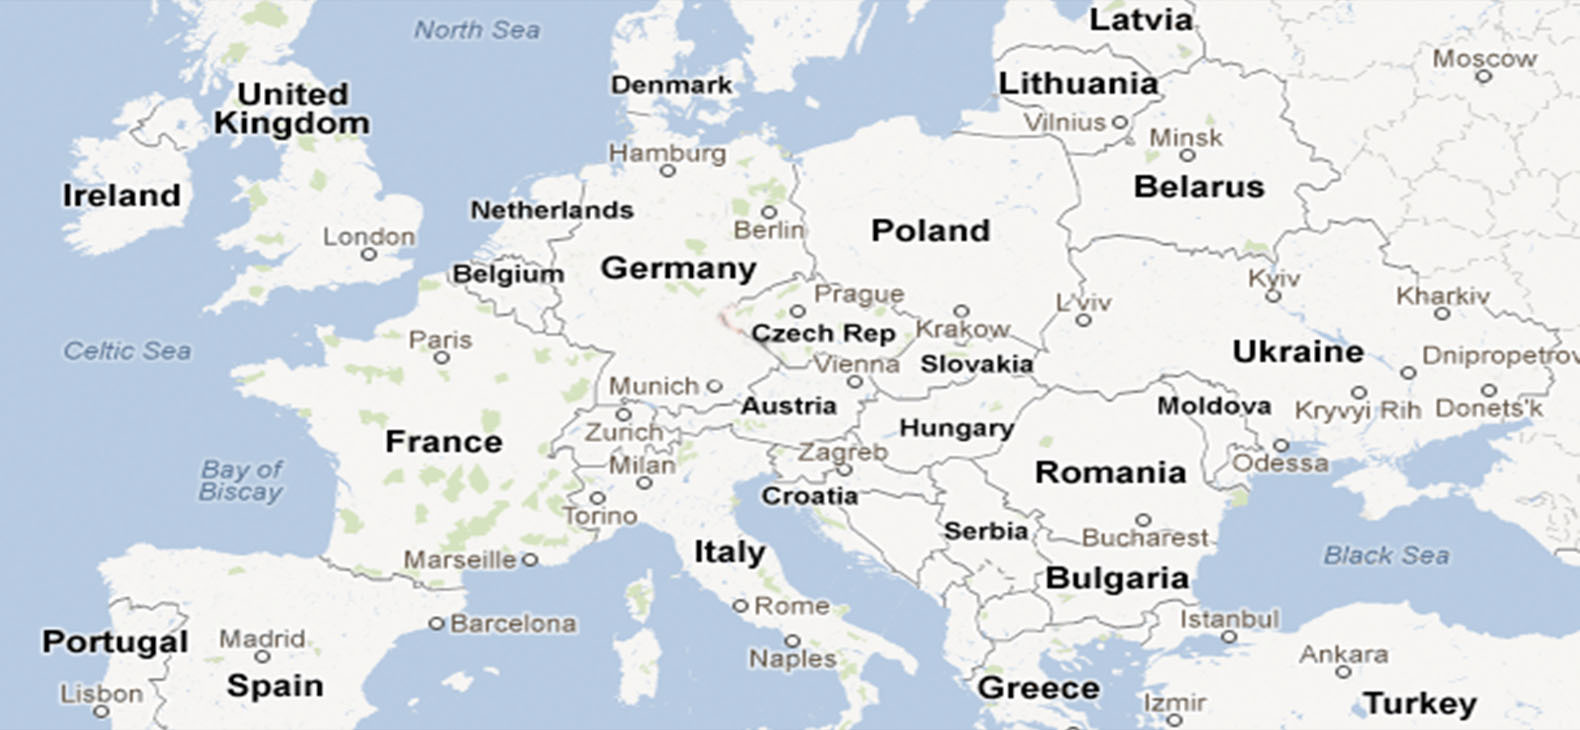 Europakarte Künstleraustausch